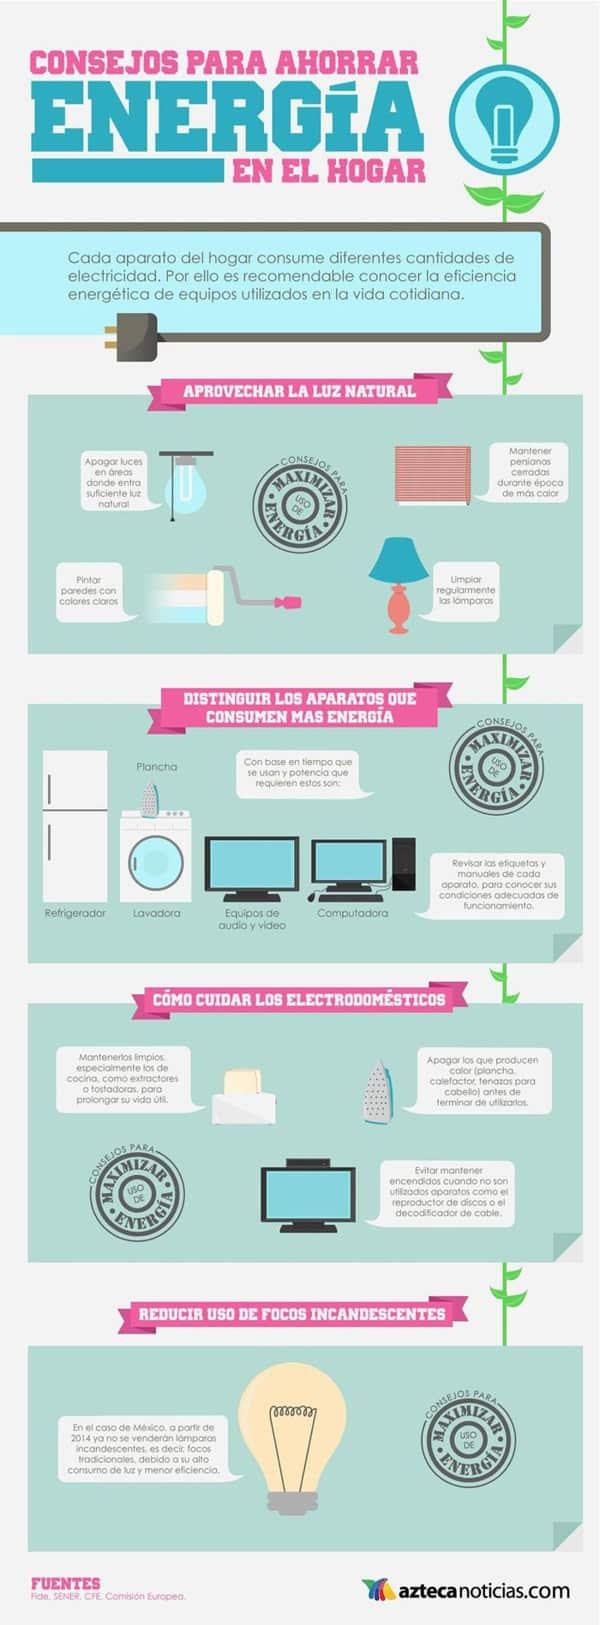 Cómo ahorrar energía hogar #Infografía